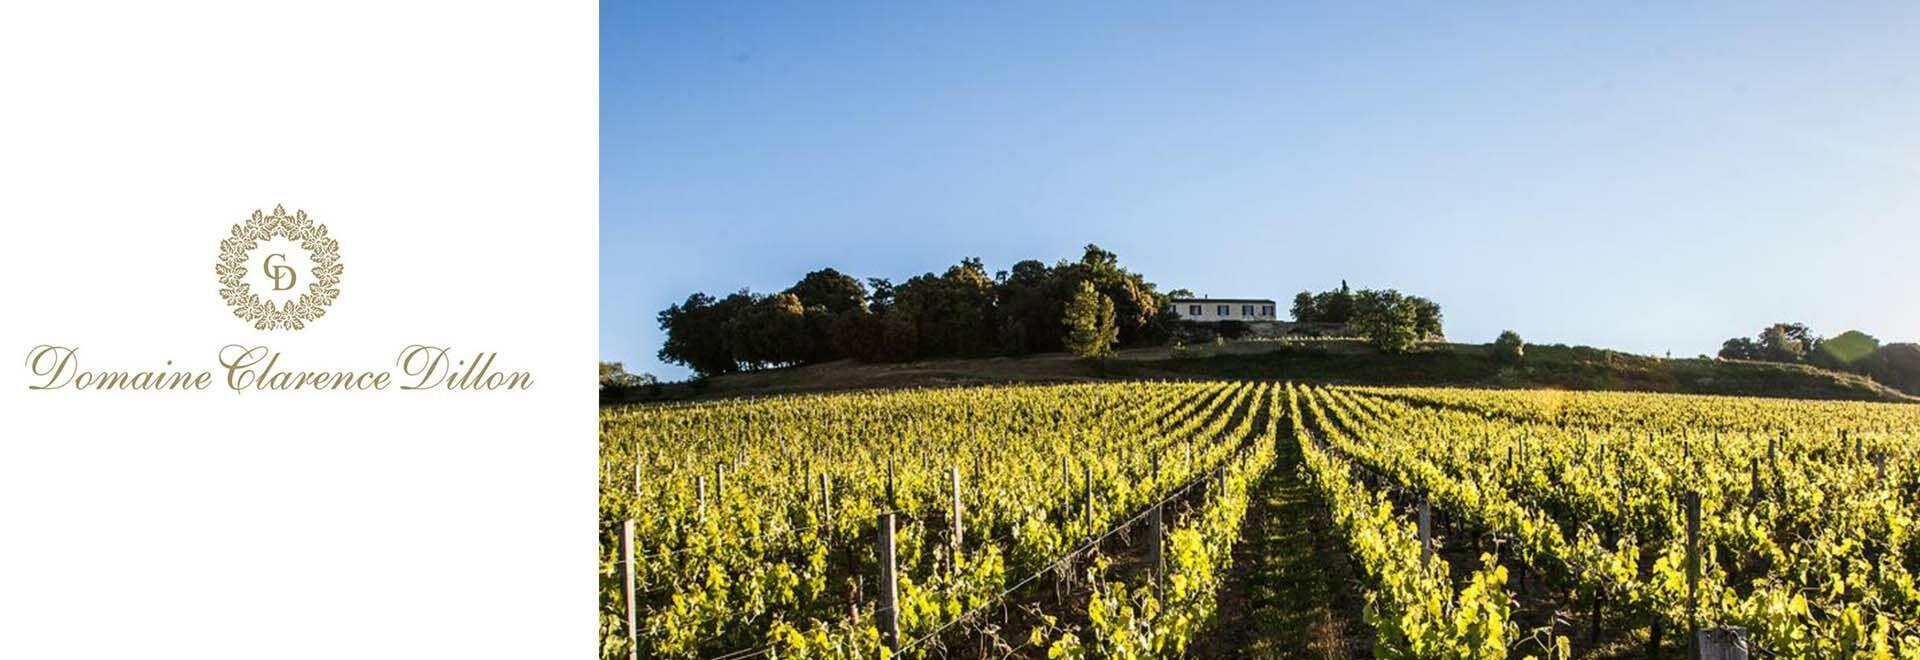 Clarence Dillin, frnacia borok, francia borászat, Bordeaux-i borok a javából-külföldi borok